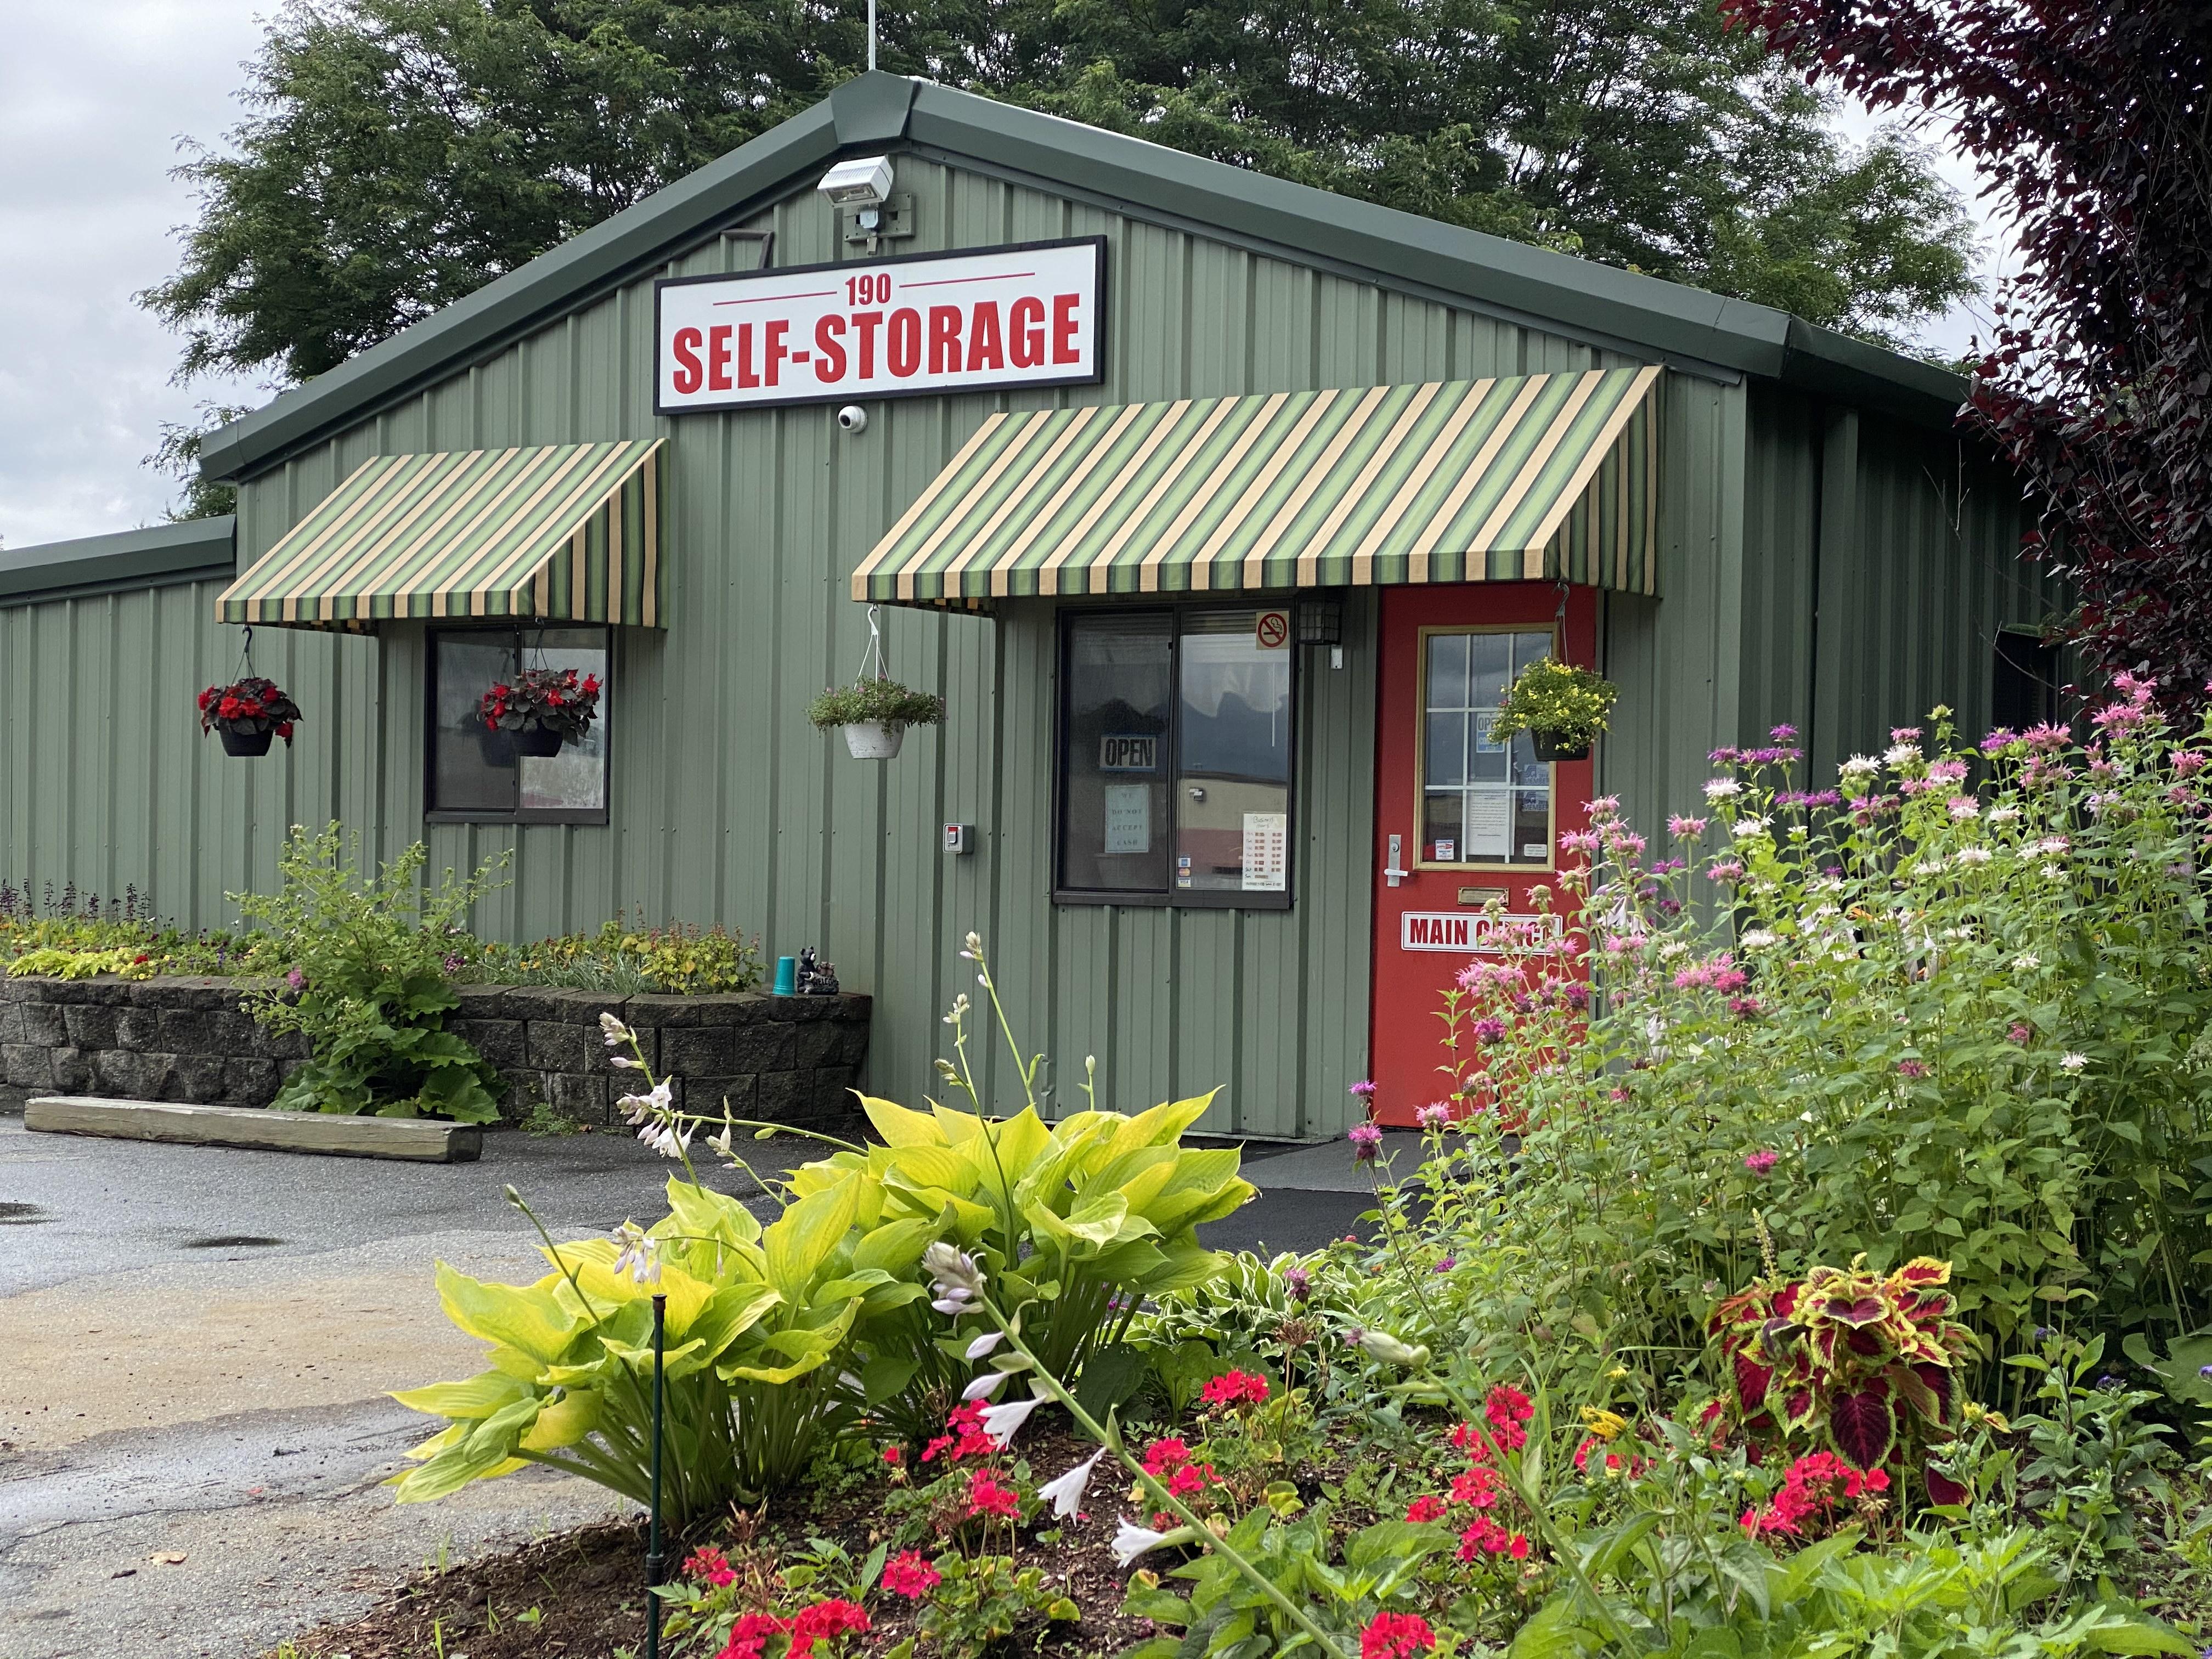 190 Self Storage